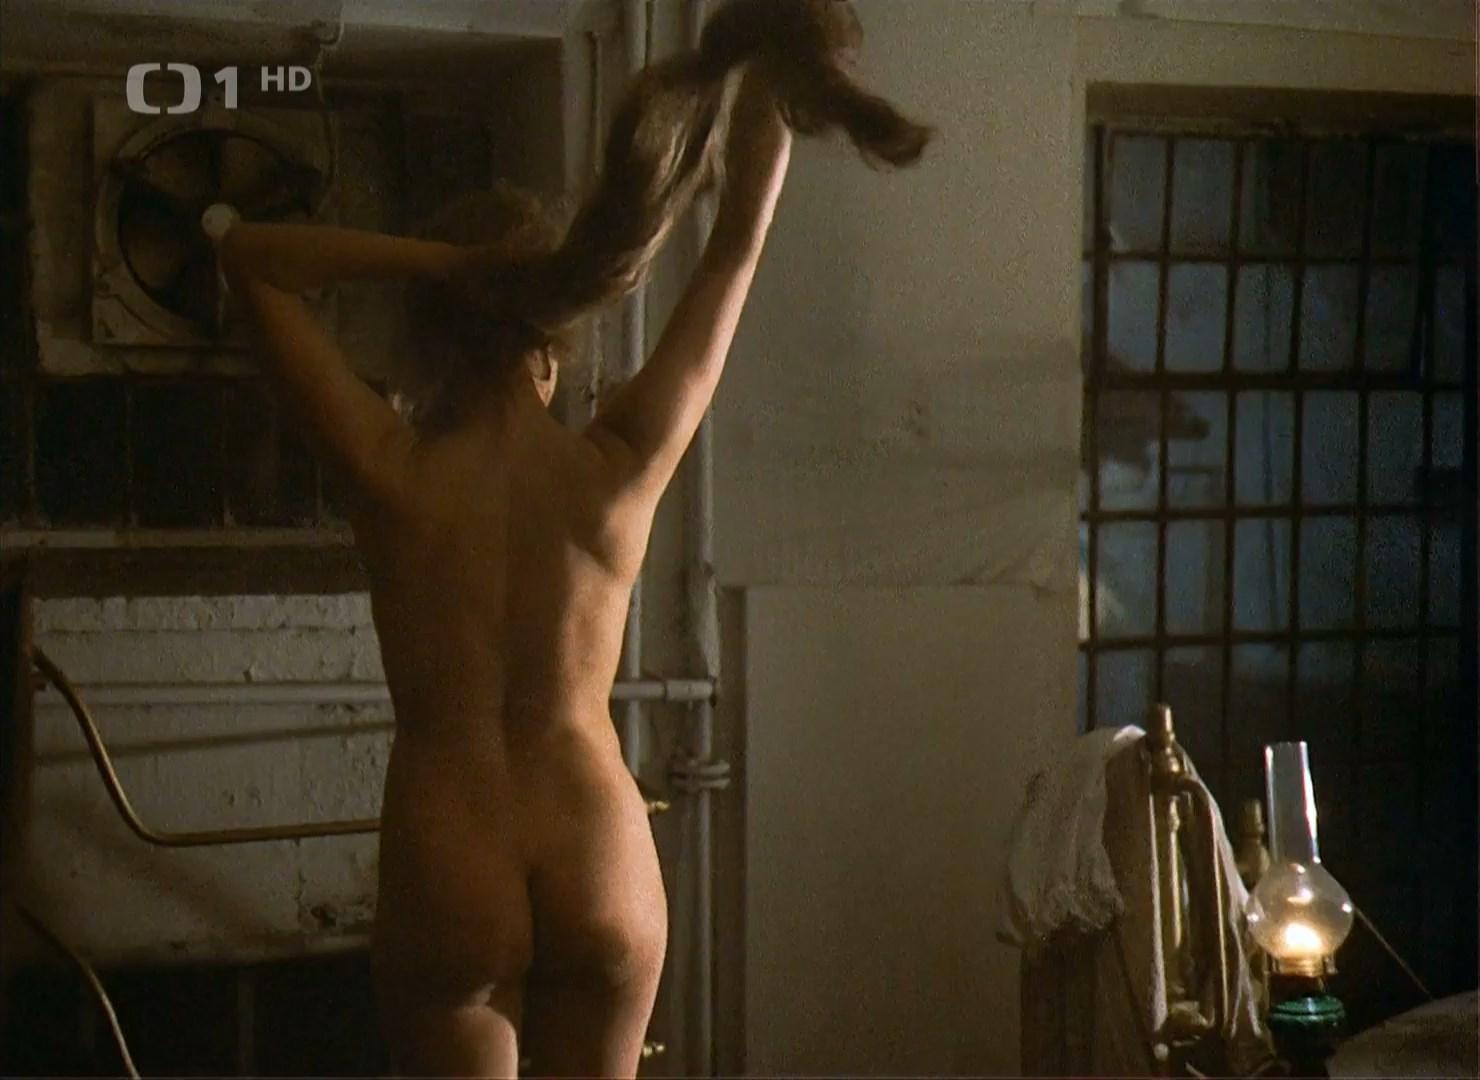 Abigail nackt Rogan Retro nudes,